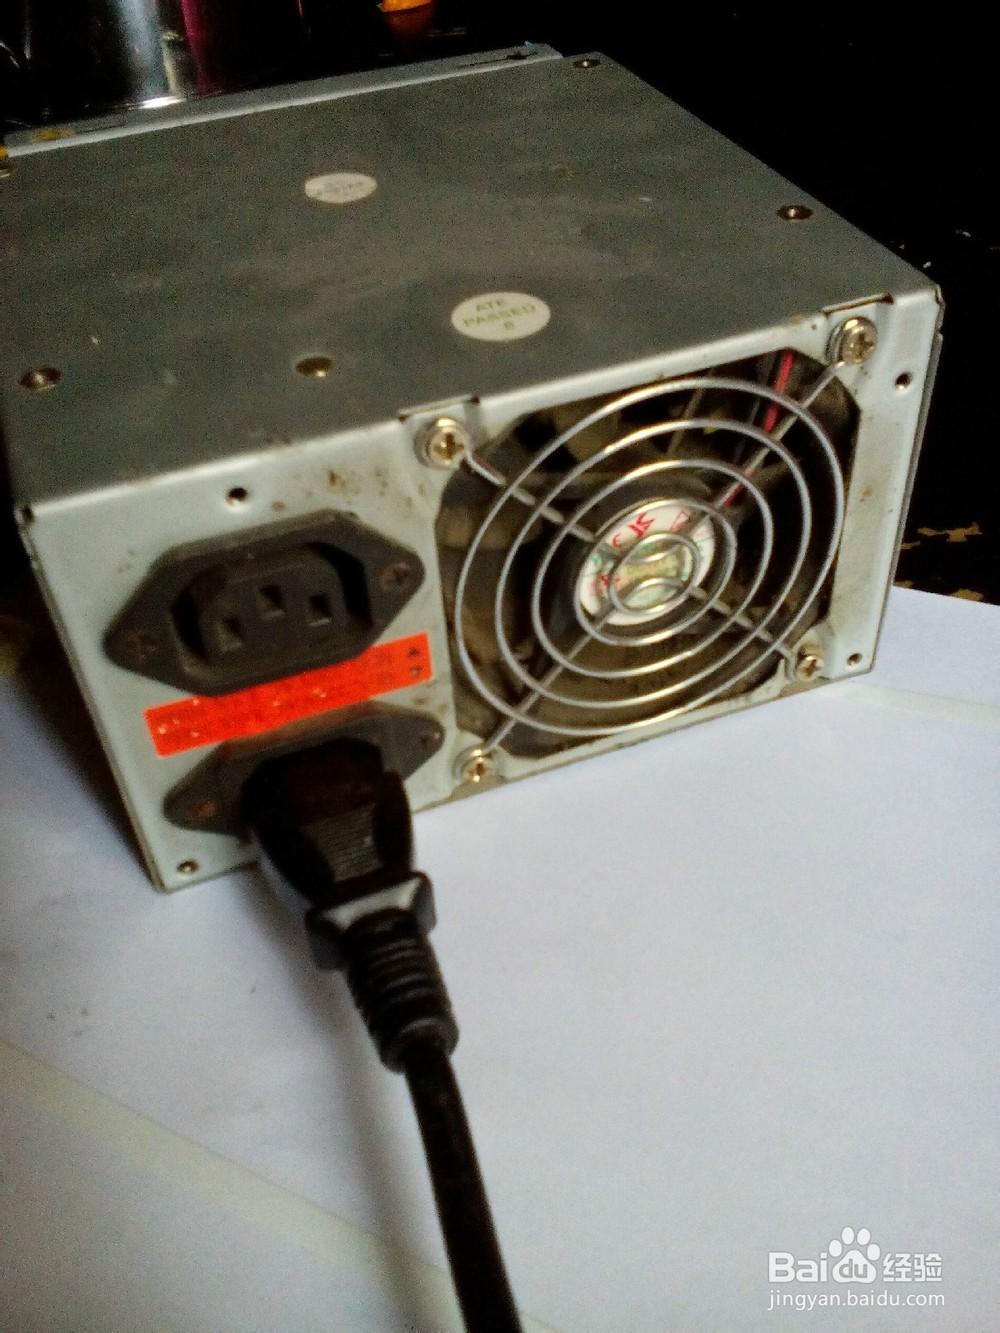 怎样测试电脑电源是否坏掉、简单测试电源好坏